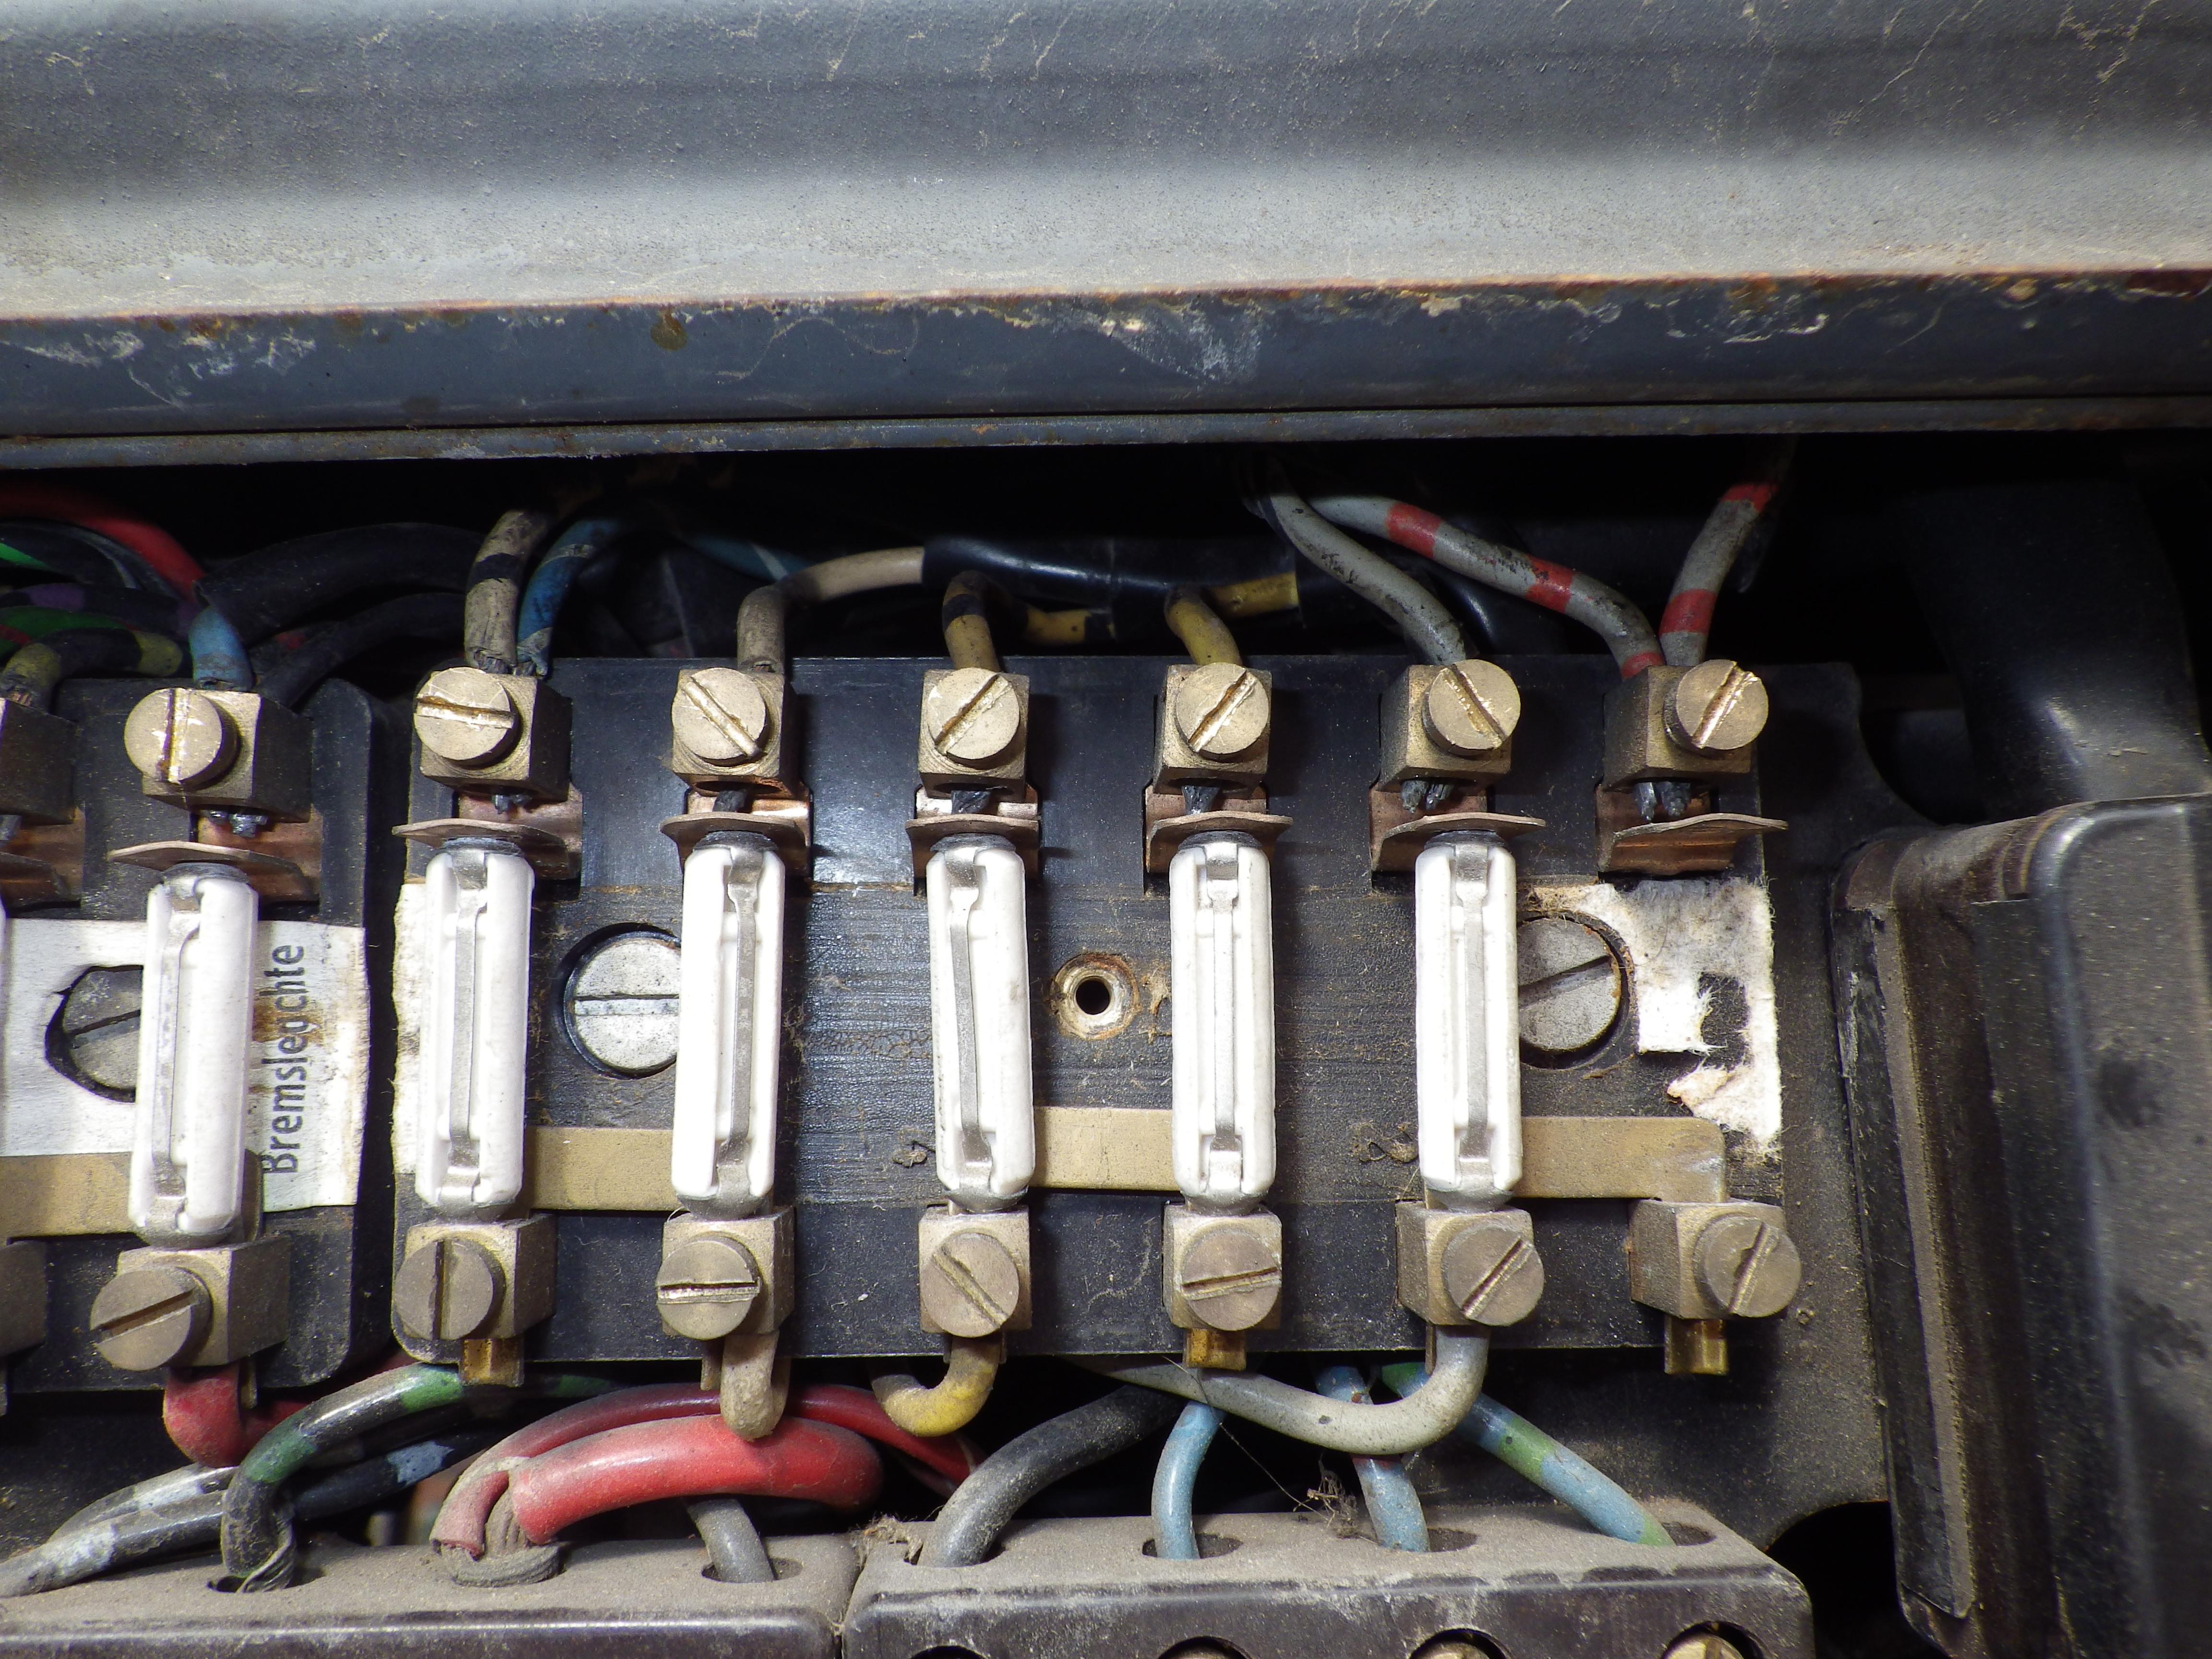 restauration du mog 406 de chenapan52 - Page 3 341645IMGP0235